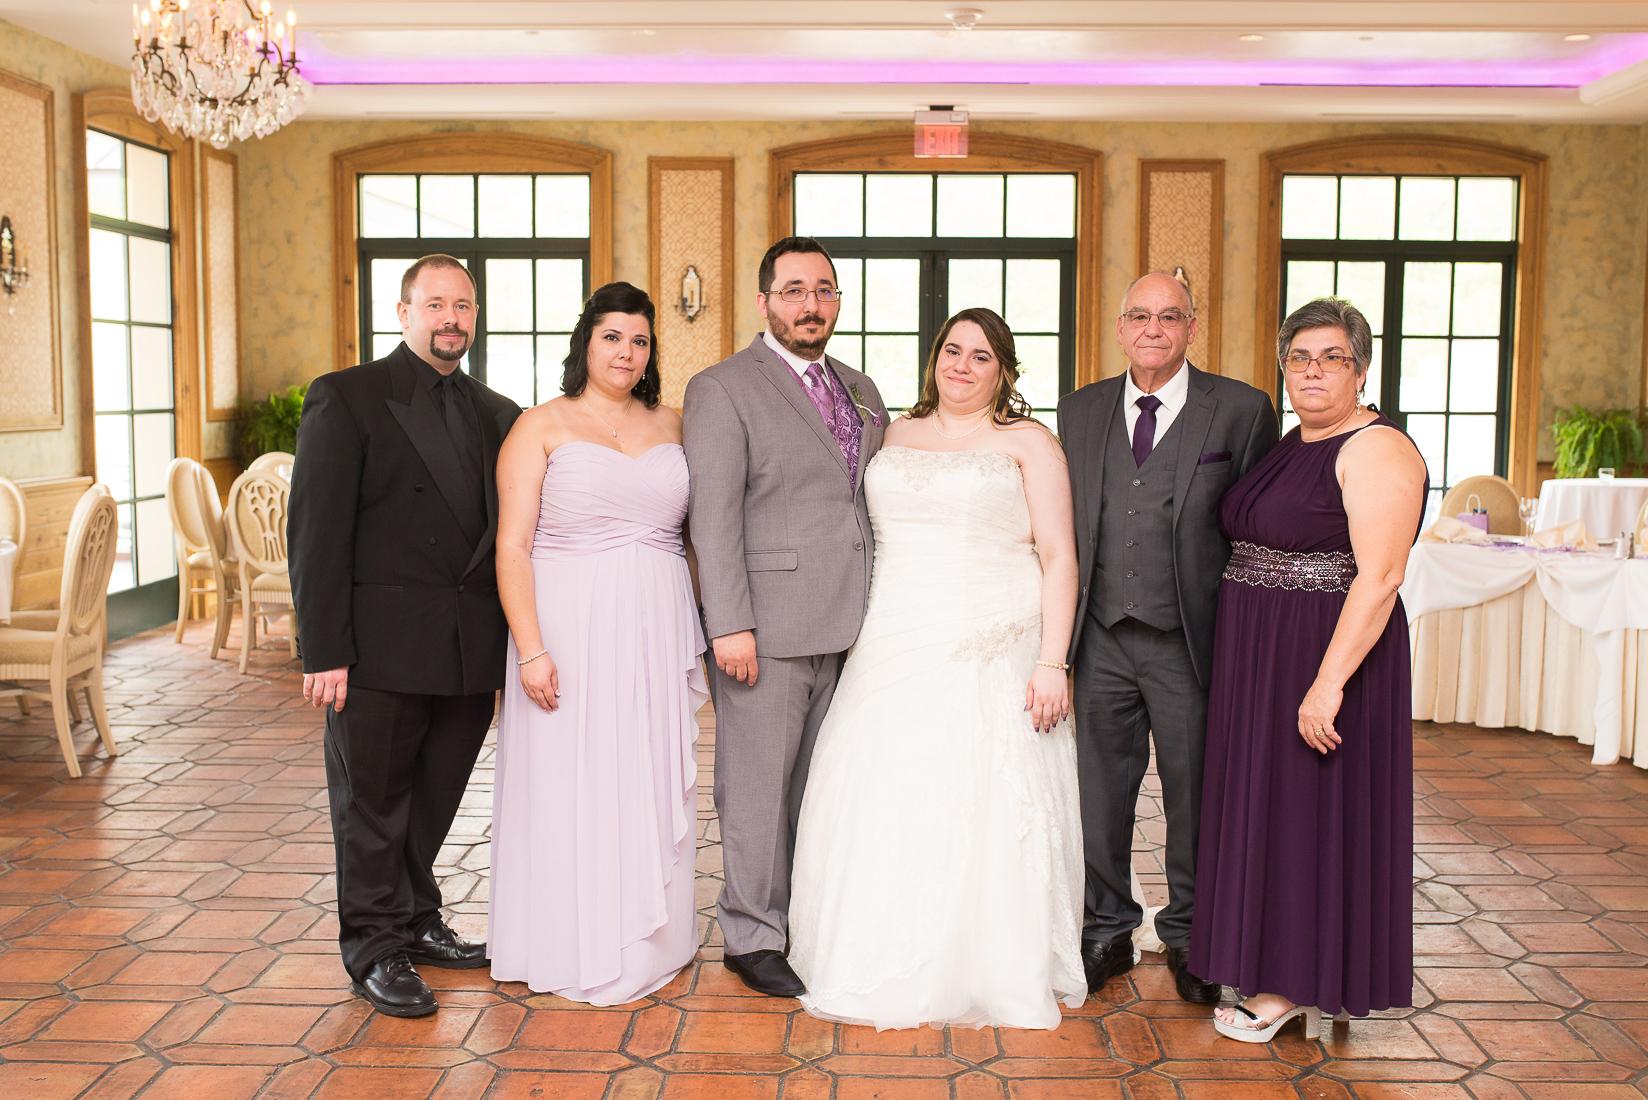 Manor-SouthOrange-NJ-wedding-0020.jpg